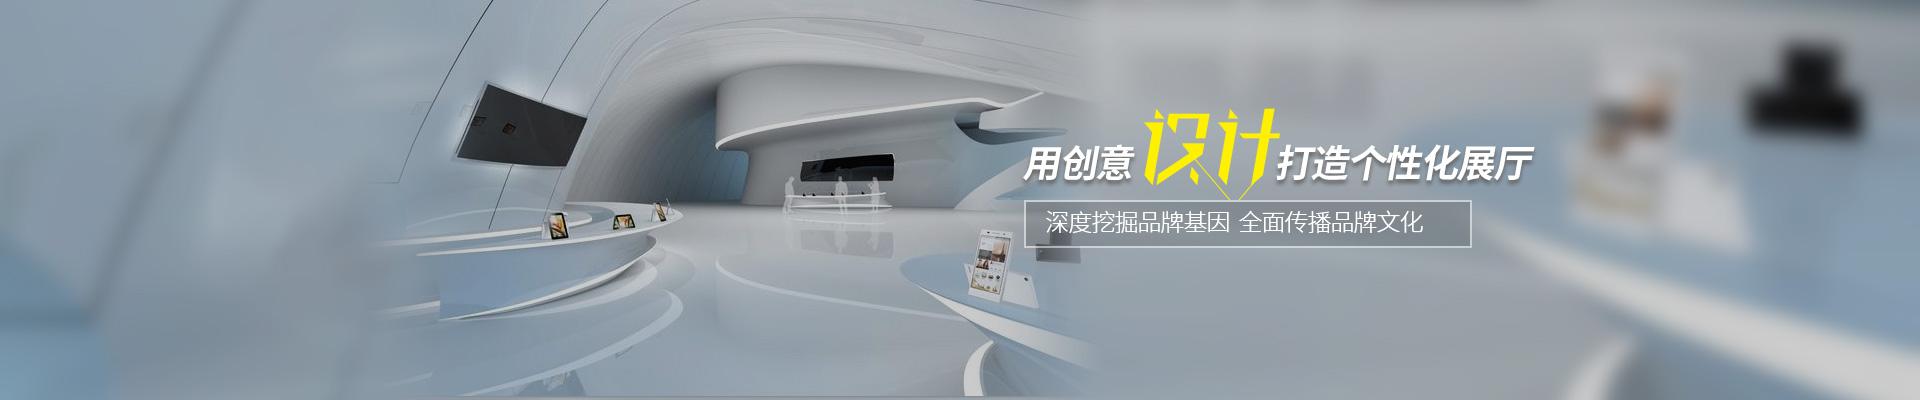 横竖展览展厅规划设计